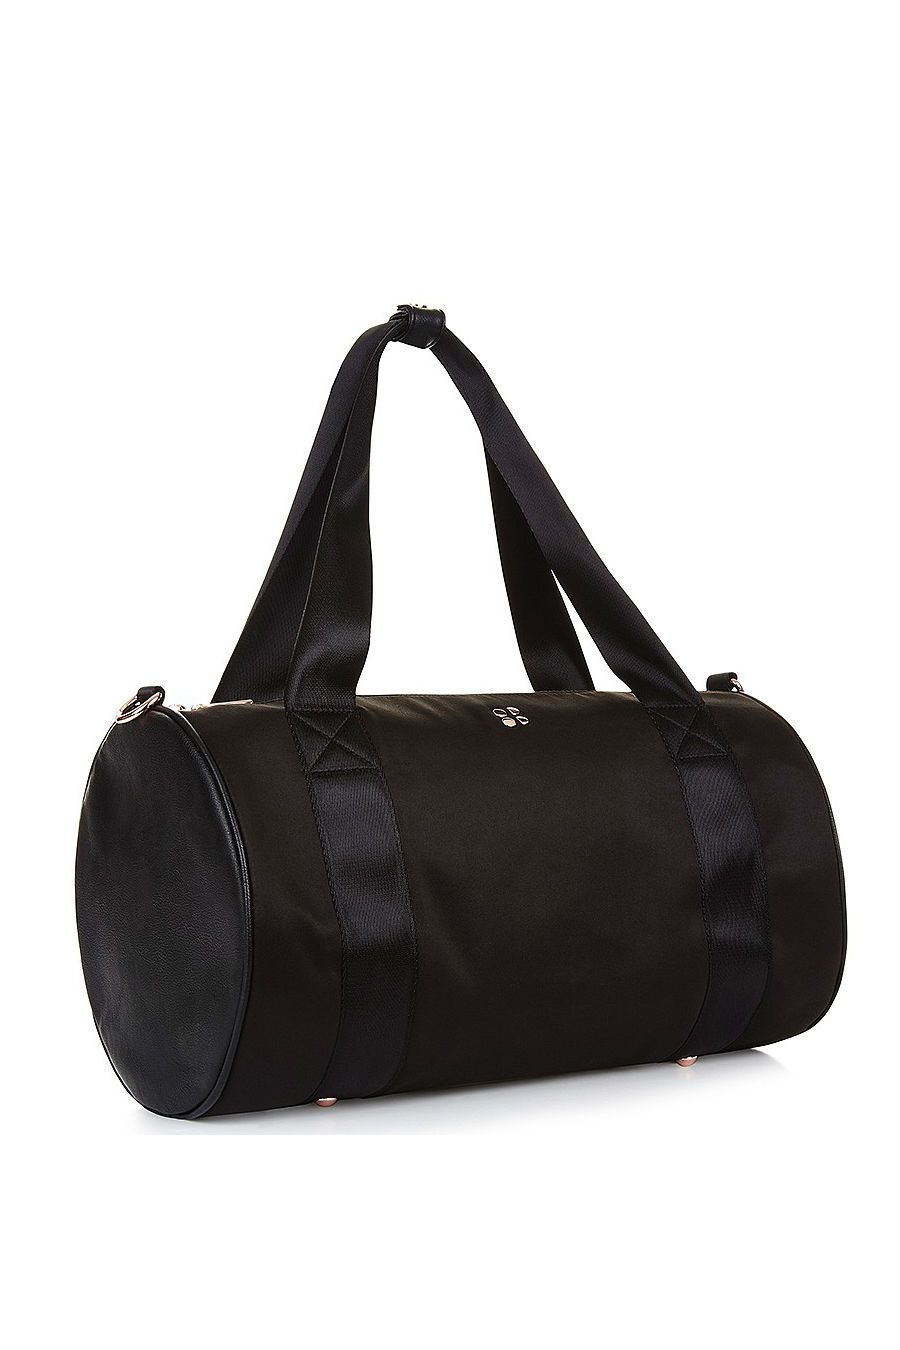 A black Sweaty Betty gym duffel bag